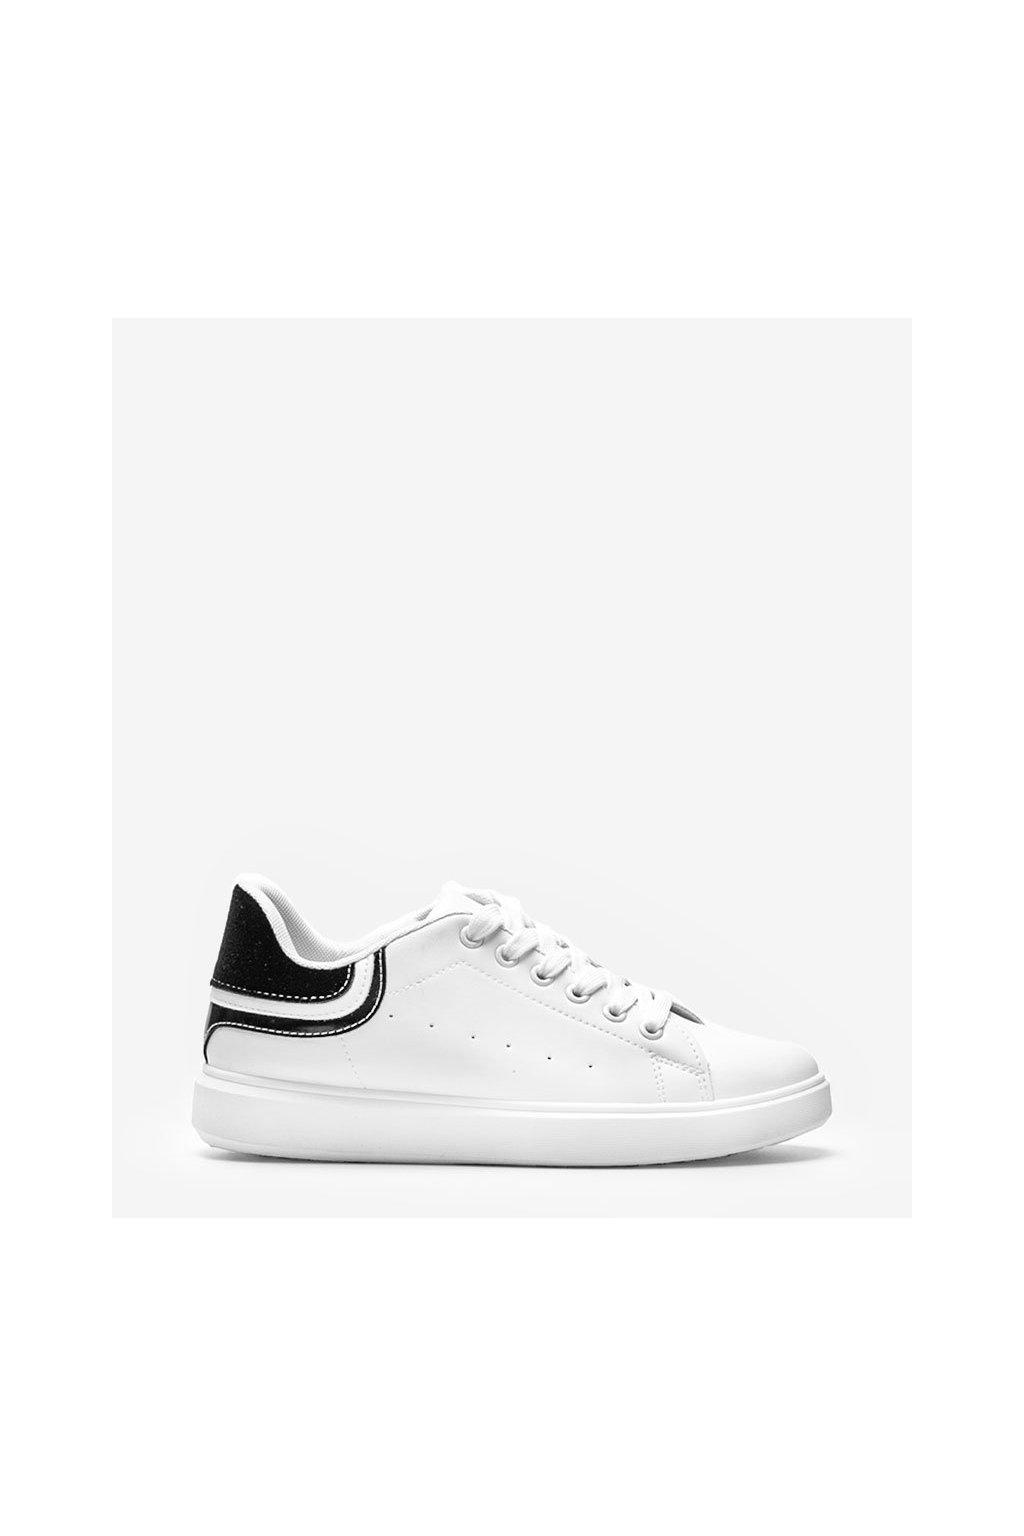 Dámske topánky tenisky biele kód 1059 - GM